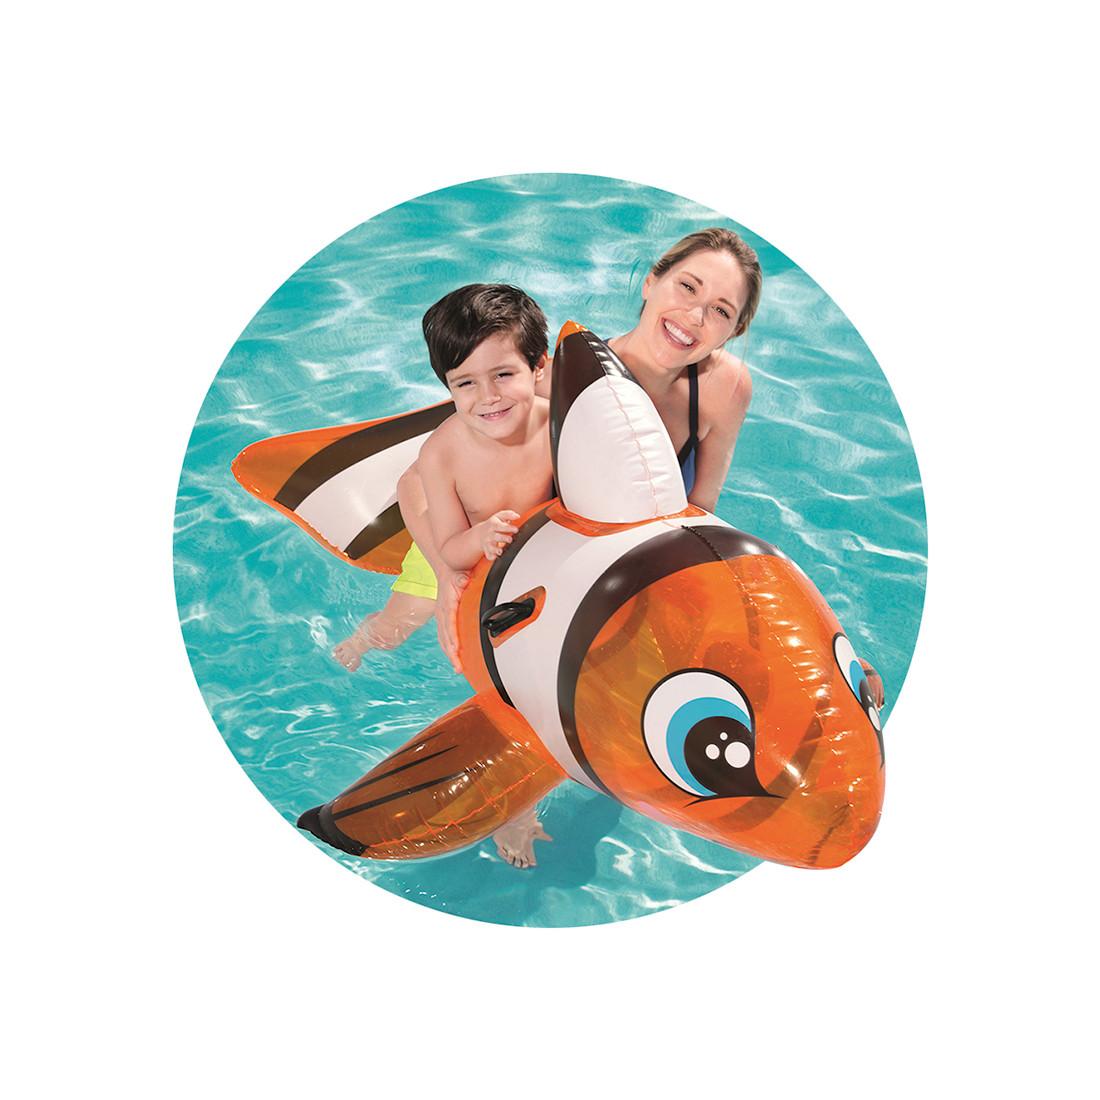 Надувная игрушка Bestway 41088 в форме рыбы для плавания